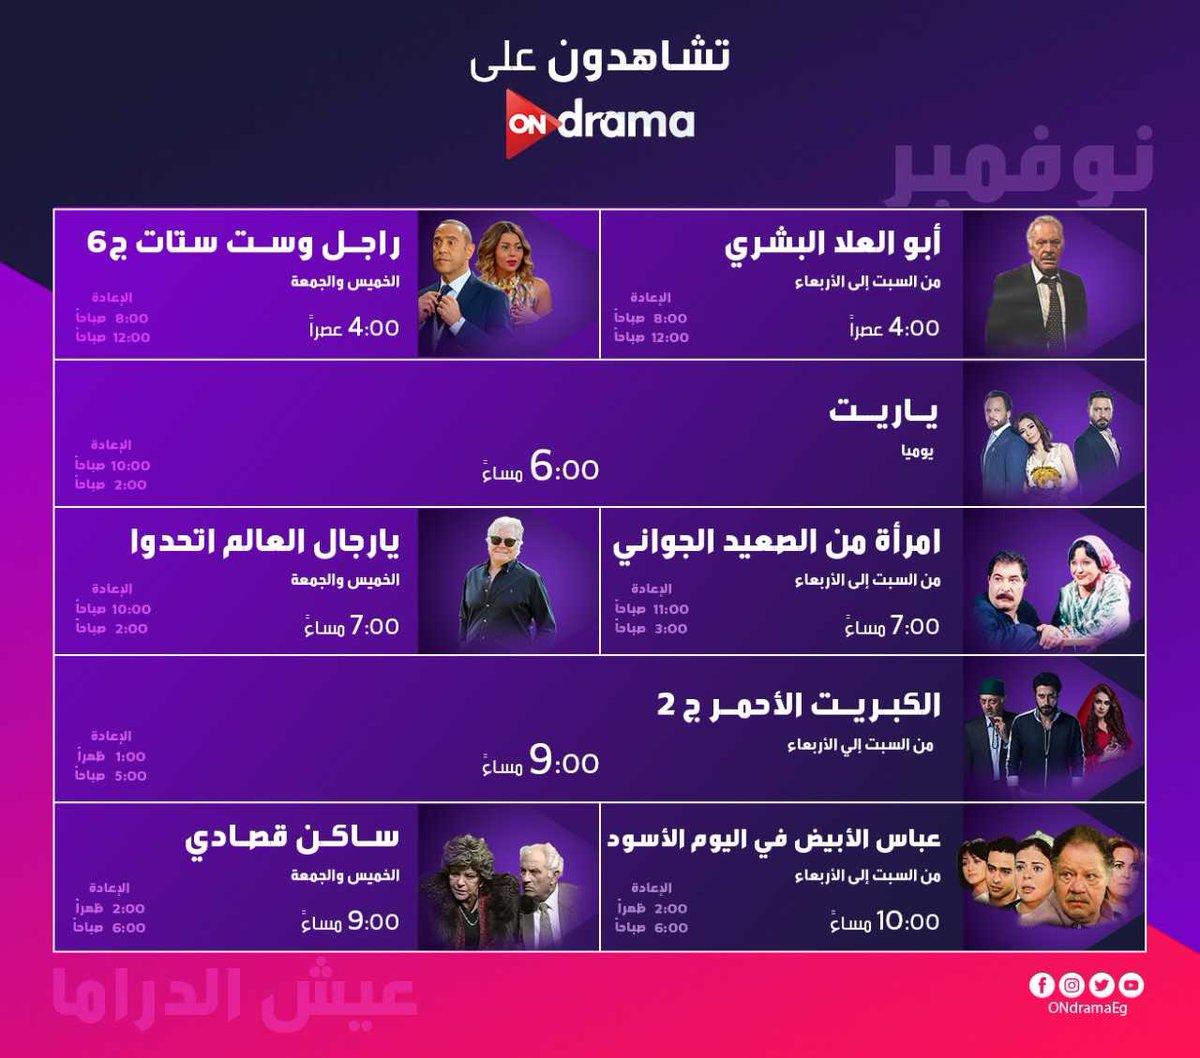 تردد قنوات مسلسلات رمضان 2021